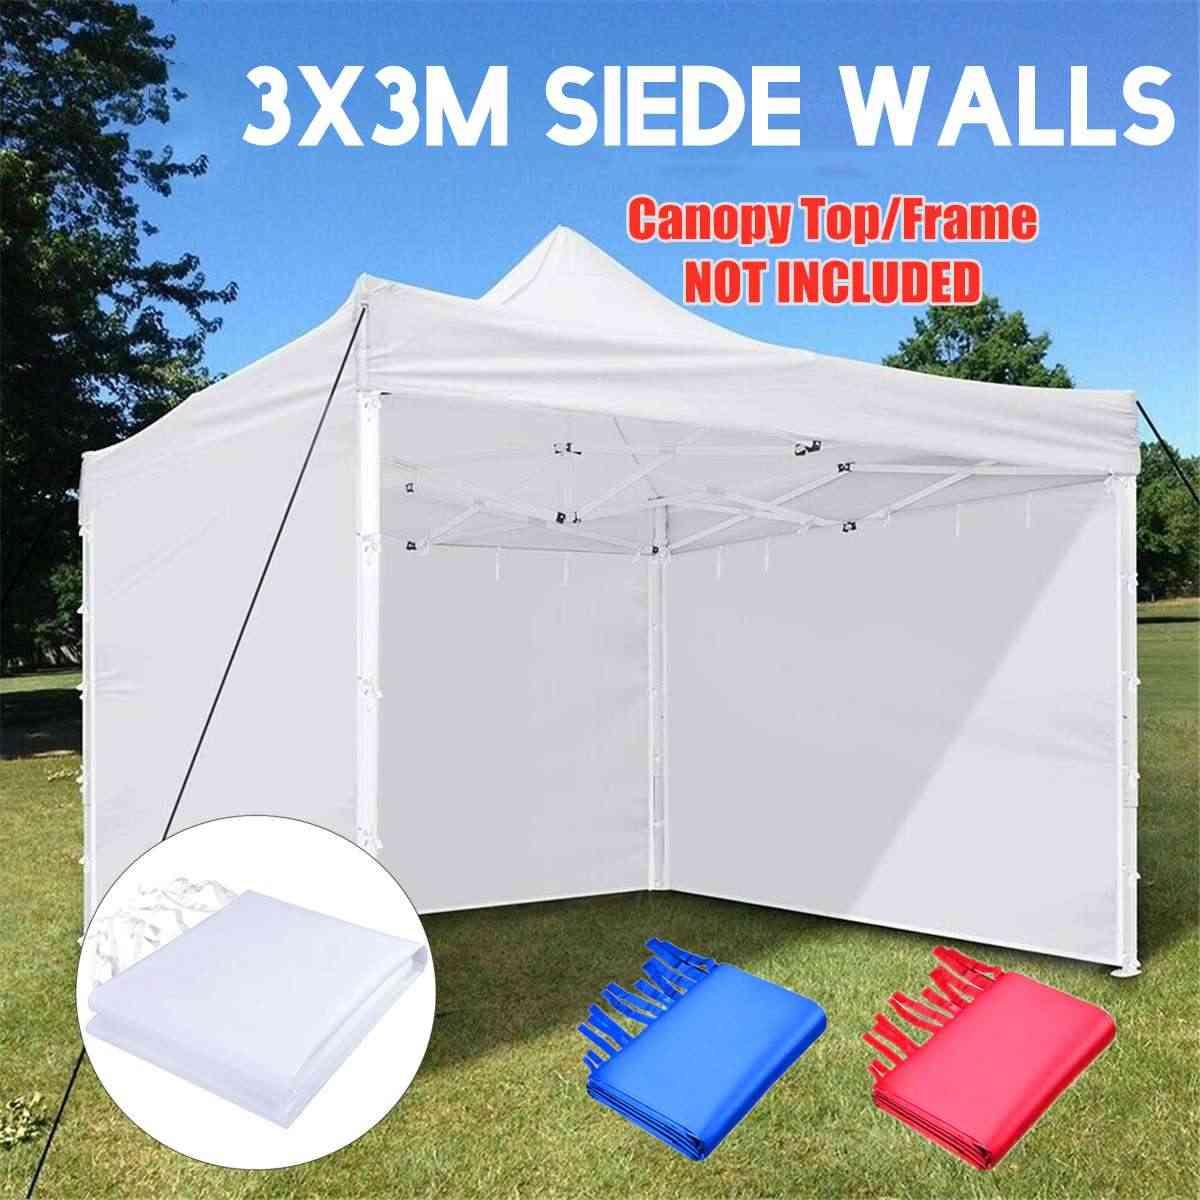 3x3m ผ้า Oxford เต็นท์เดี่ยว Sidewall กันน้ำสวนลานกลางแจ้ง Sun Wall ผ้าบังแดด Sidewall บังแดดสีแดง